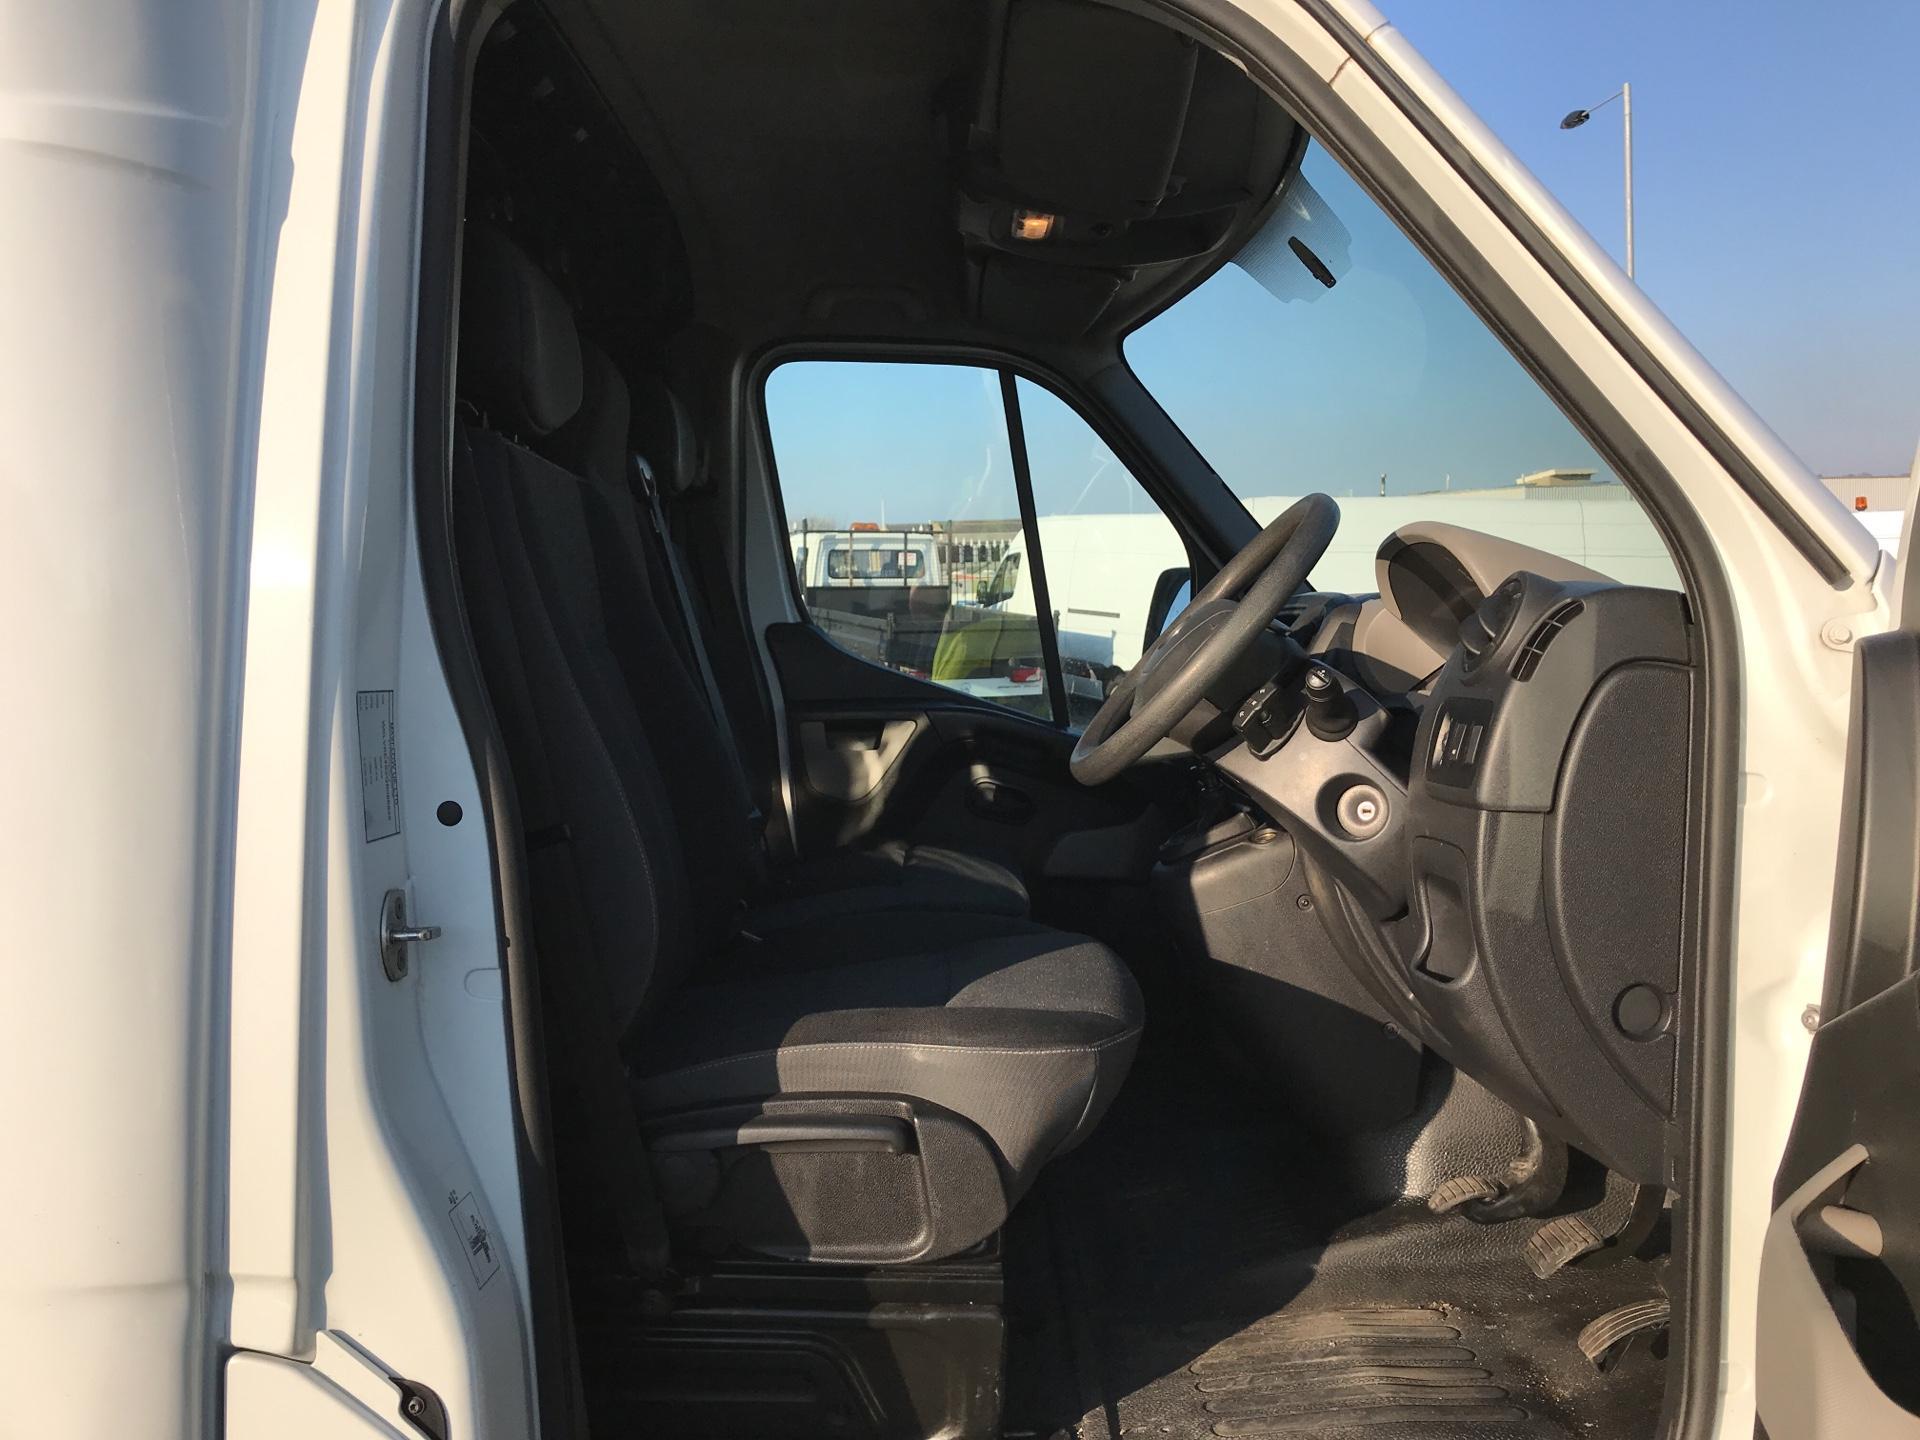 2016 Vauxhall Movano 2.3 Cdti LWB LO Loader Luton Box Van Euro 6  (DU66TBV) Image 9